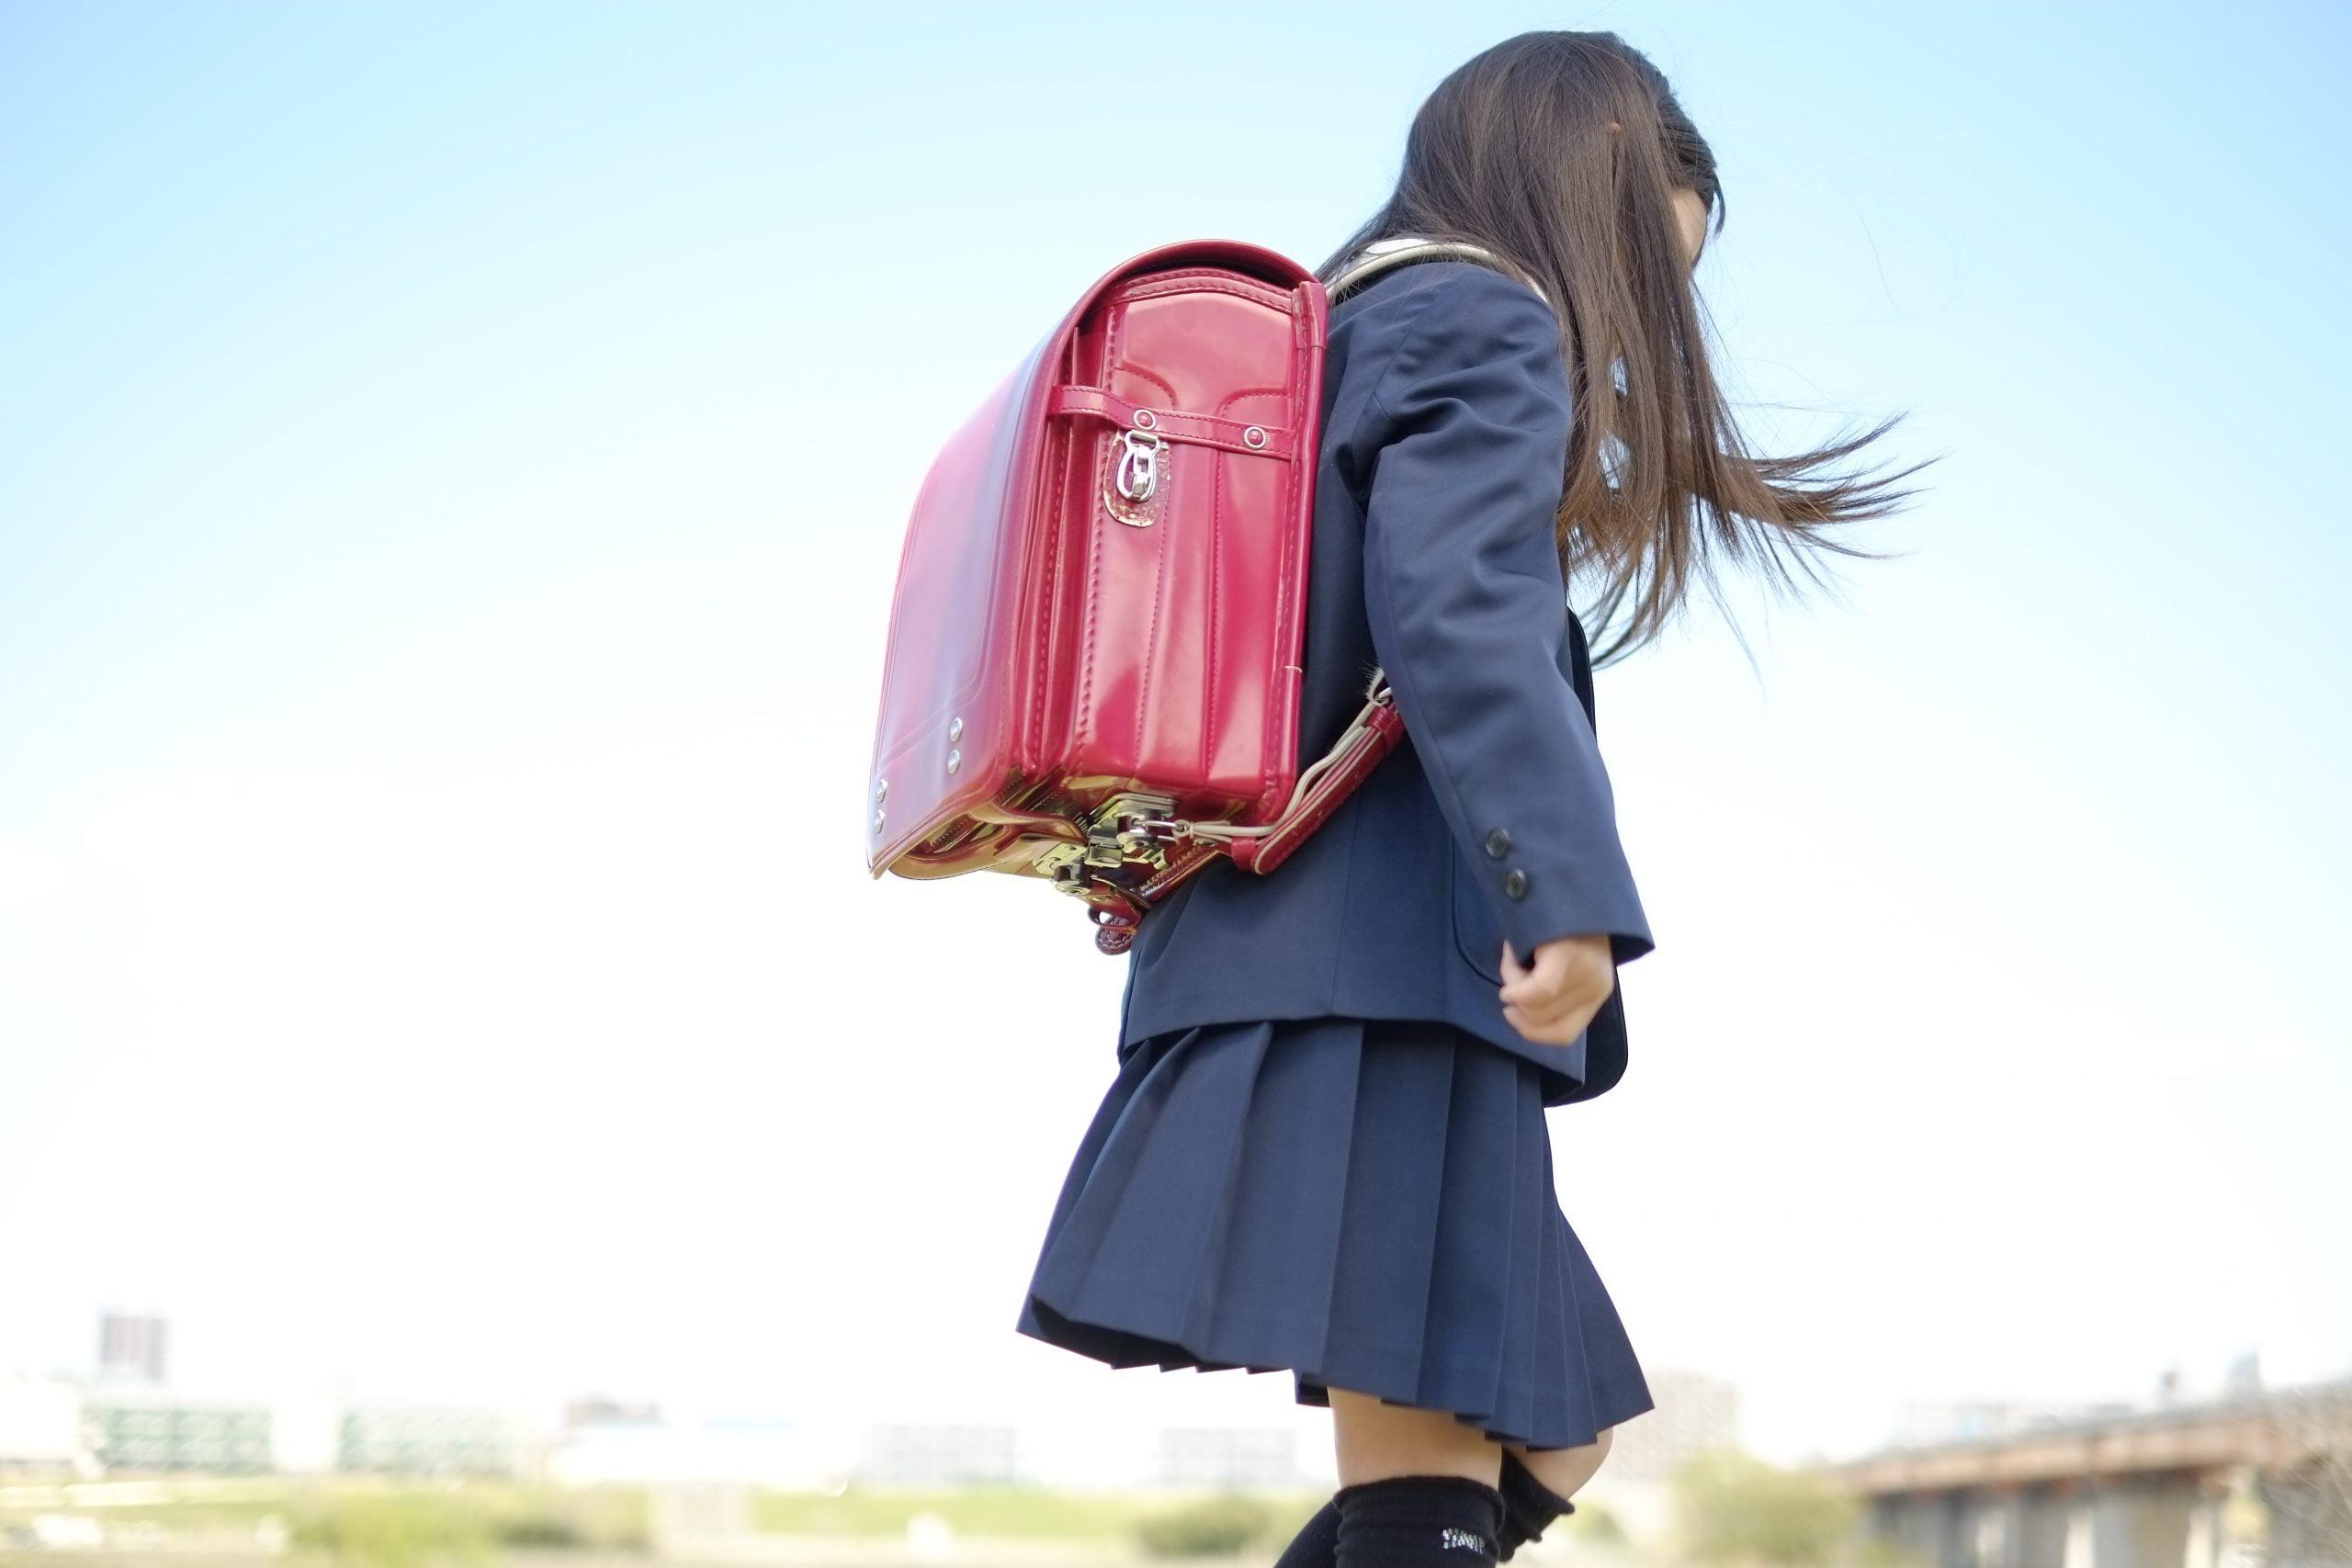 【画像】女の子のお●ぱいが膨らむ成長過程がコチラ